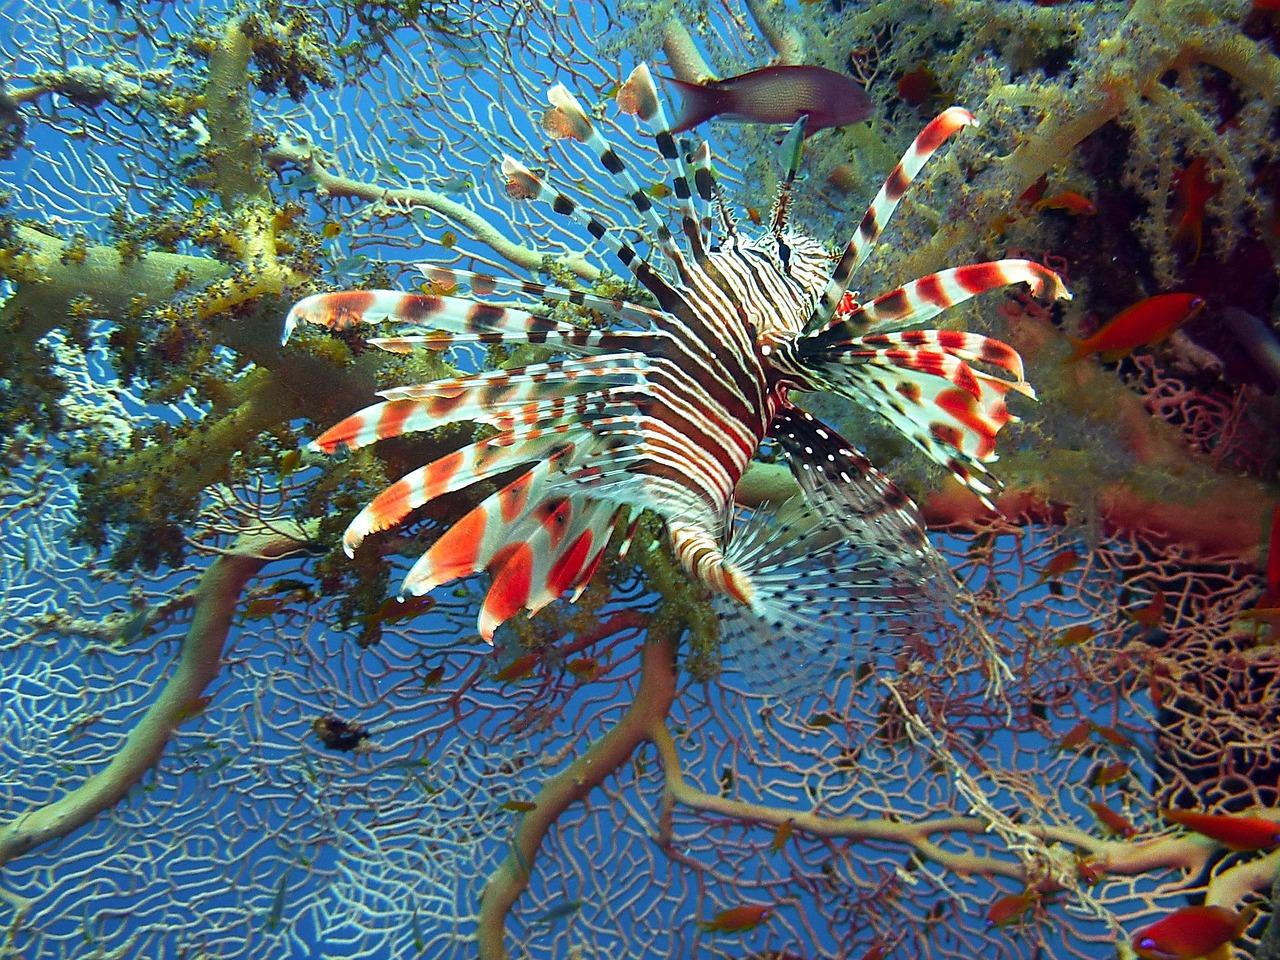 Nada frena al pez león en aguas mexicanas